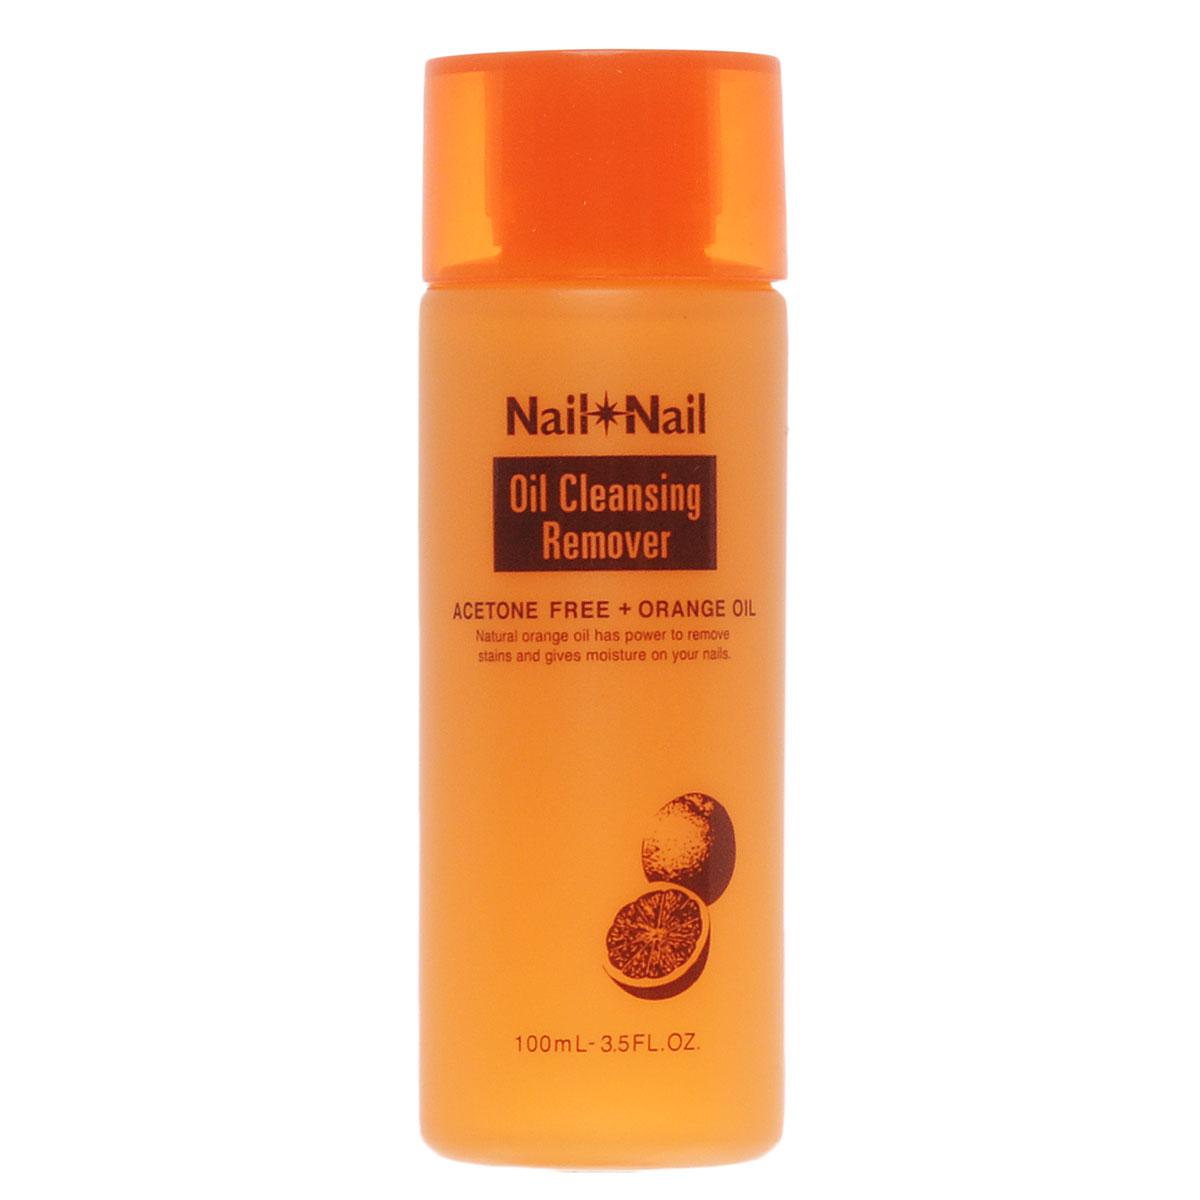 BCL Жидкость для снятия лака, с апельсиновым маслом, без ацетона, 100 мл042624Жидкость быстро и мягко удаляет лак с поверхности ногтей. Сочетает в себе свойства ухаживающего продукта и средства для снятия лака. Содержит масло апельсина, которое увлажняет и питает ногтевую пластину, смягчает поверхность ногтя. Это средство обеспечивает удобный и эффективный уход за ногтями. Не содержит ацетона. Обладает приятным ароматом апельсина. Товар сертифицирован.